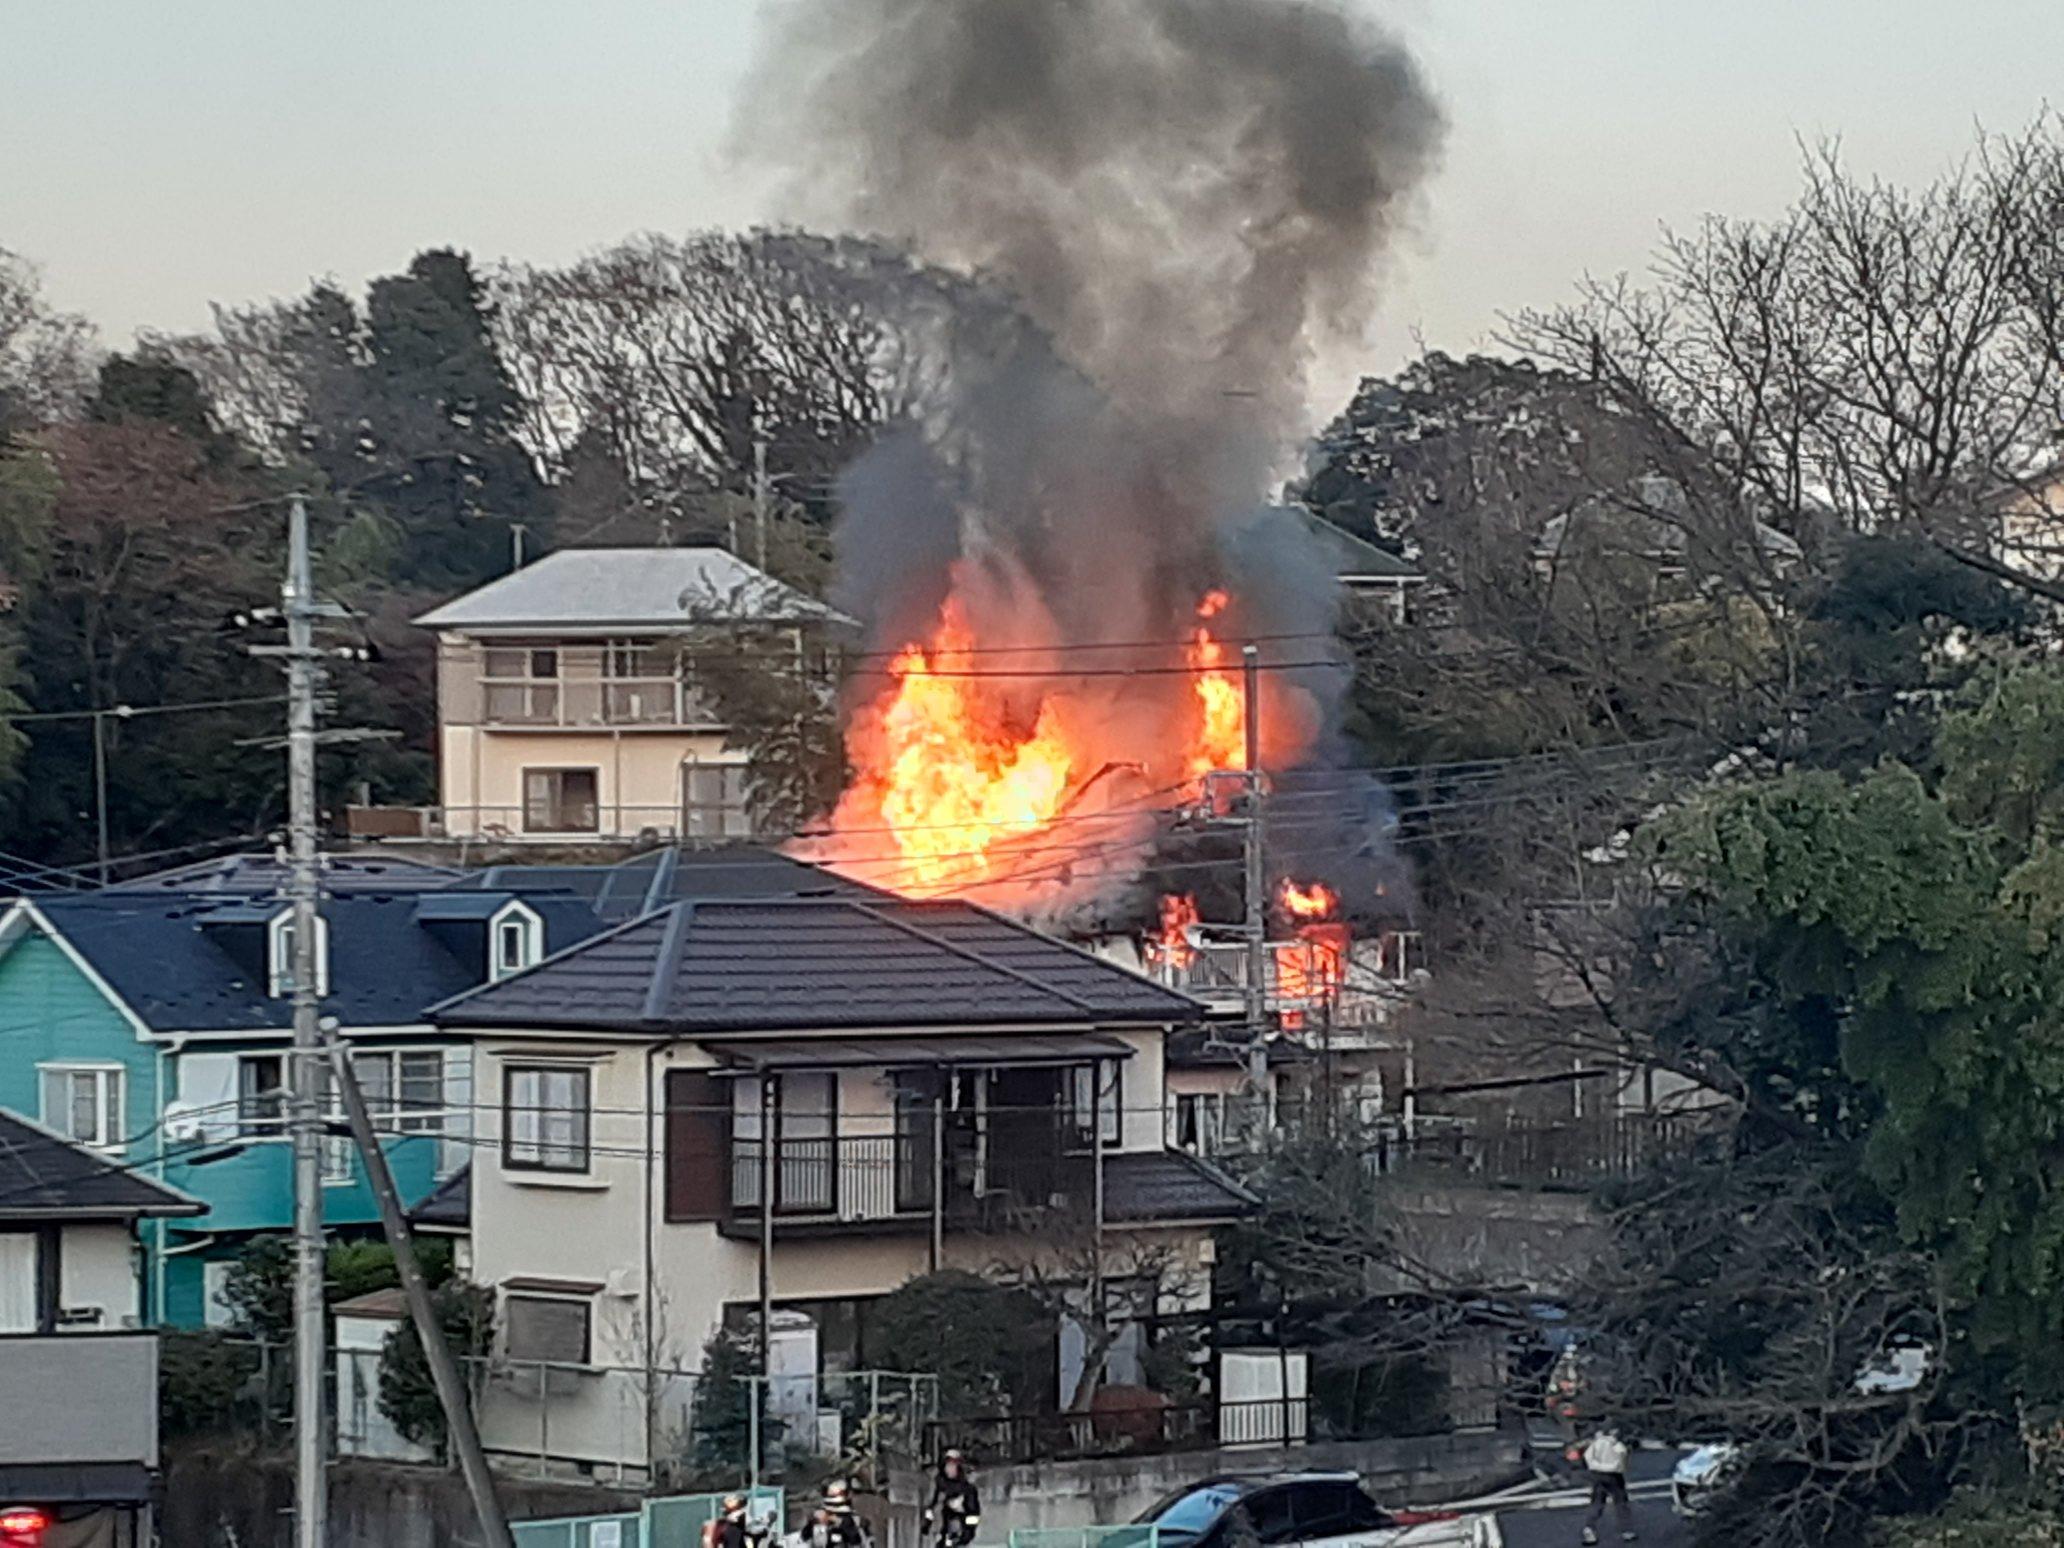 町田市上小山田町で大きな火事が起きた現場の画像